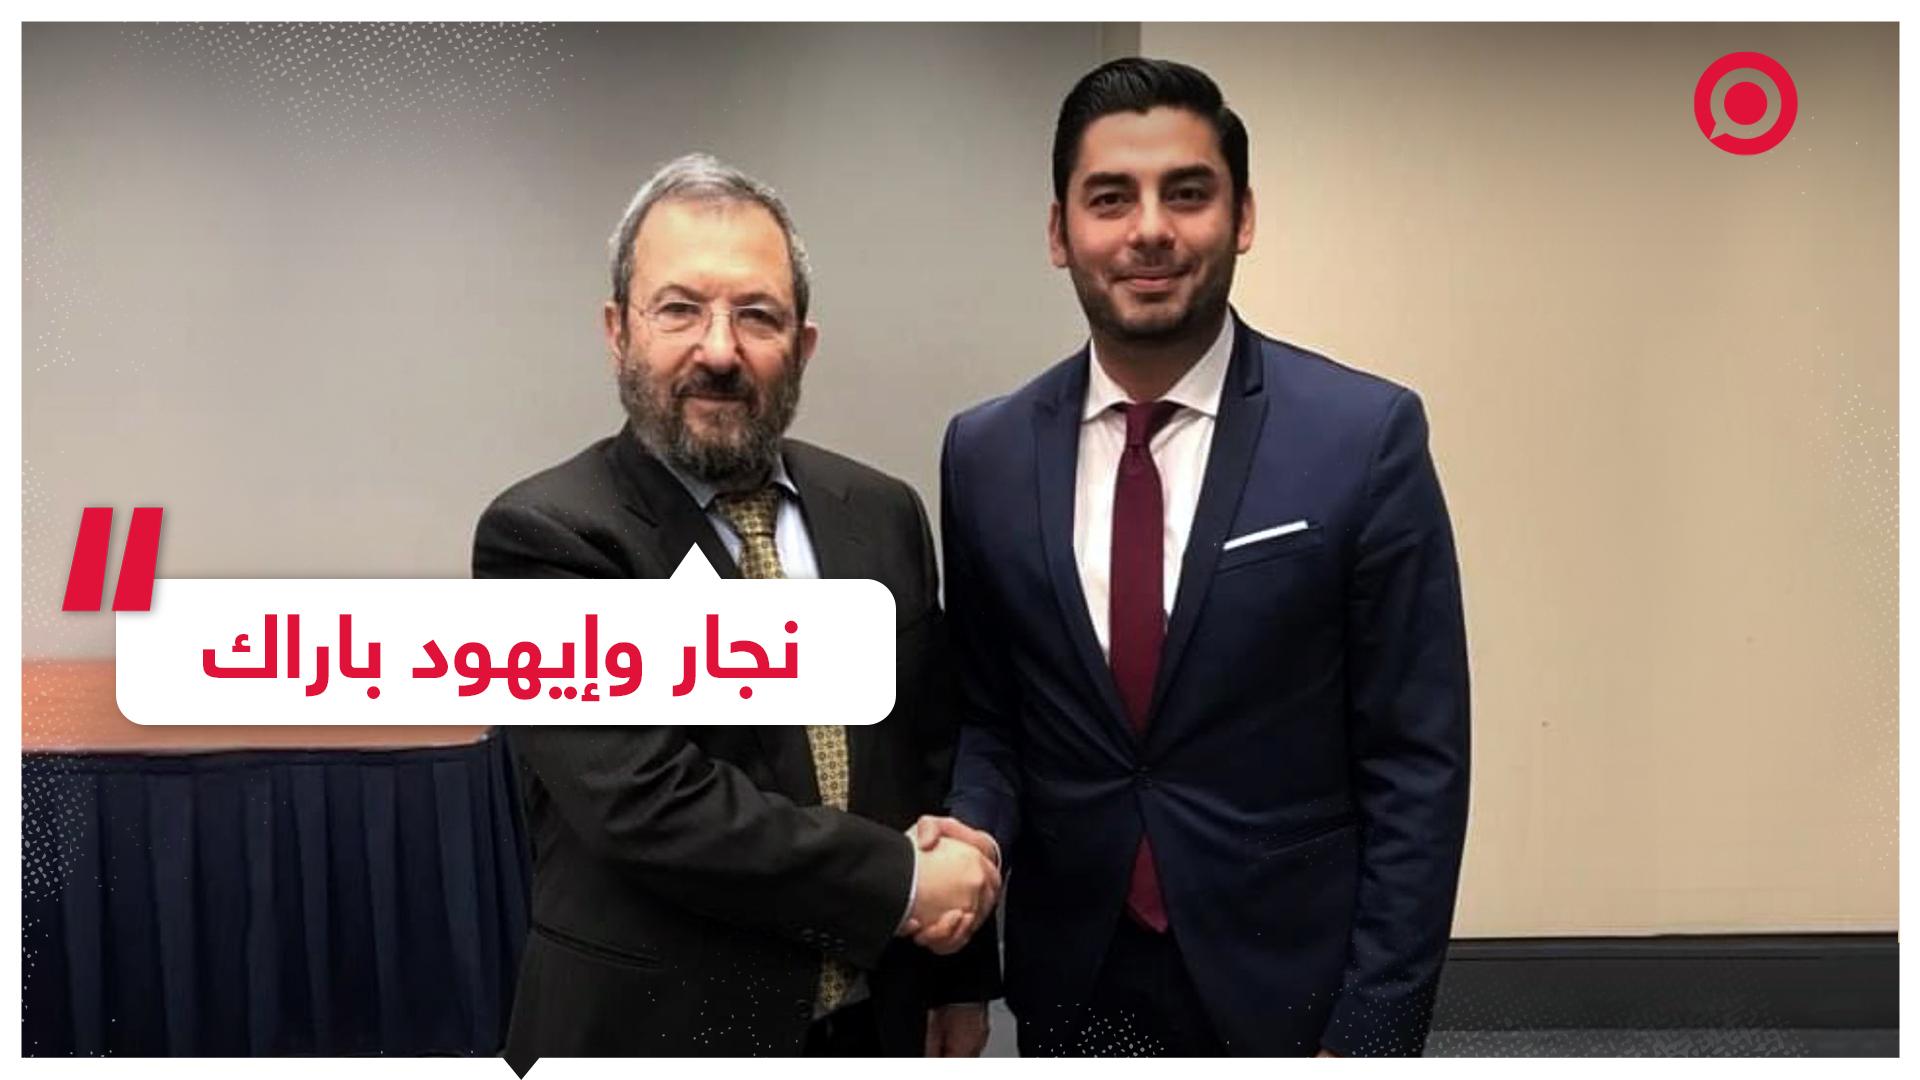 جدل بعد صورة جمعت مرشحا للكونغرس الأمريكي من أصول فلسطينية مع إيهود باراك